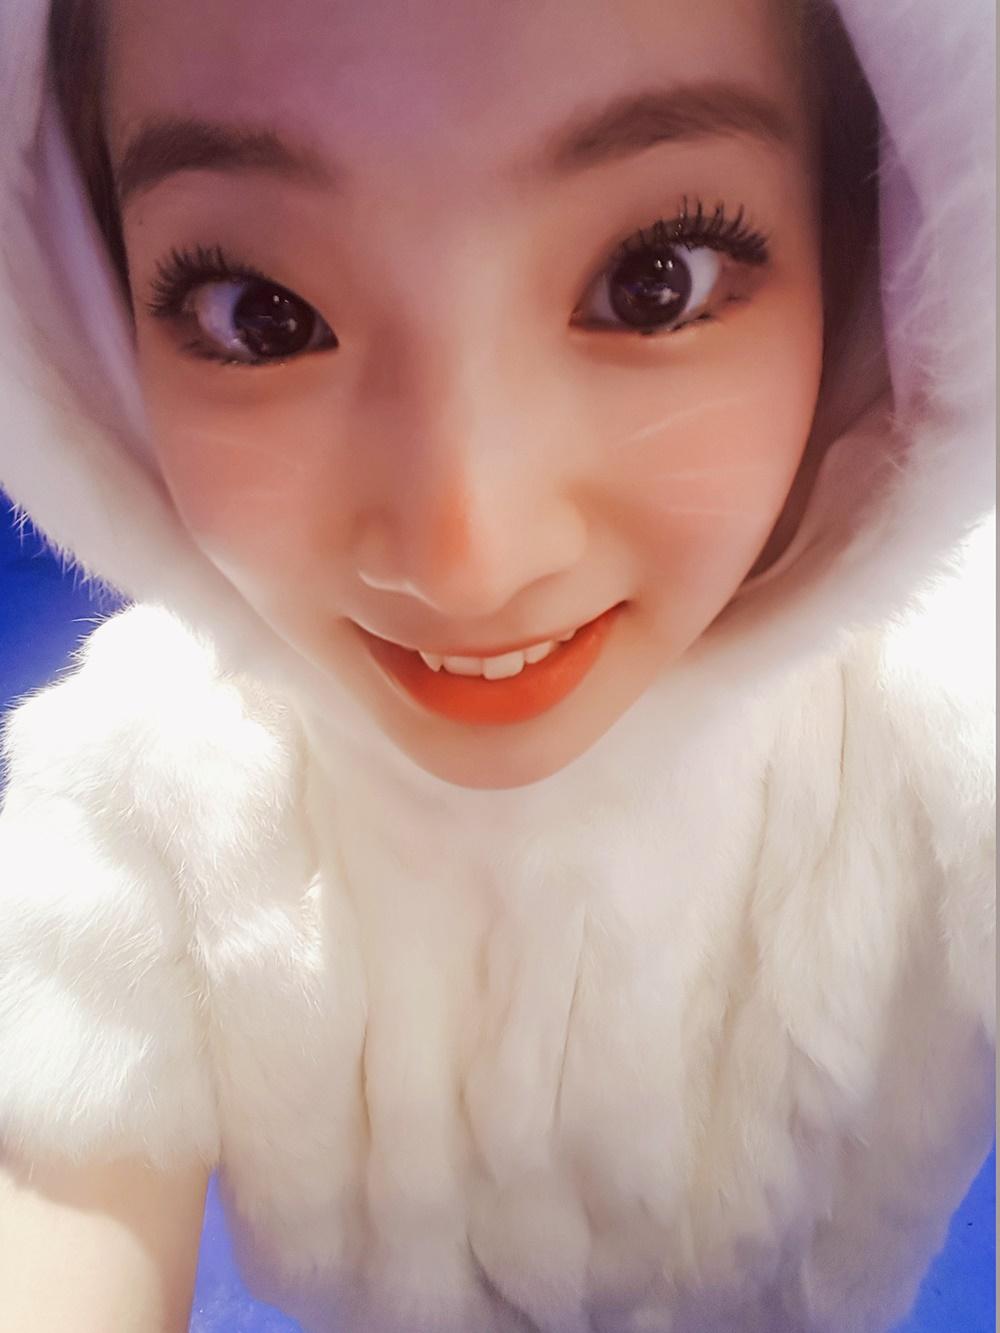 트와이스앨범 셀카 고화질 (19).jpg